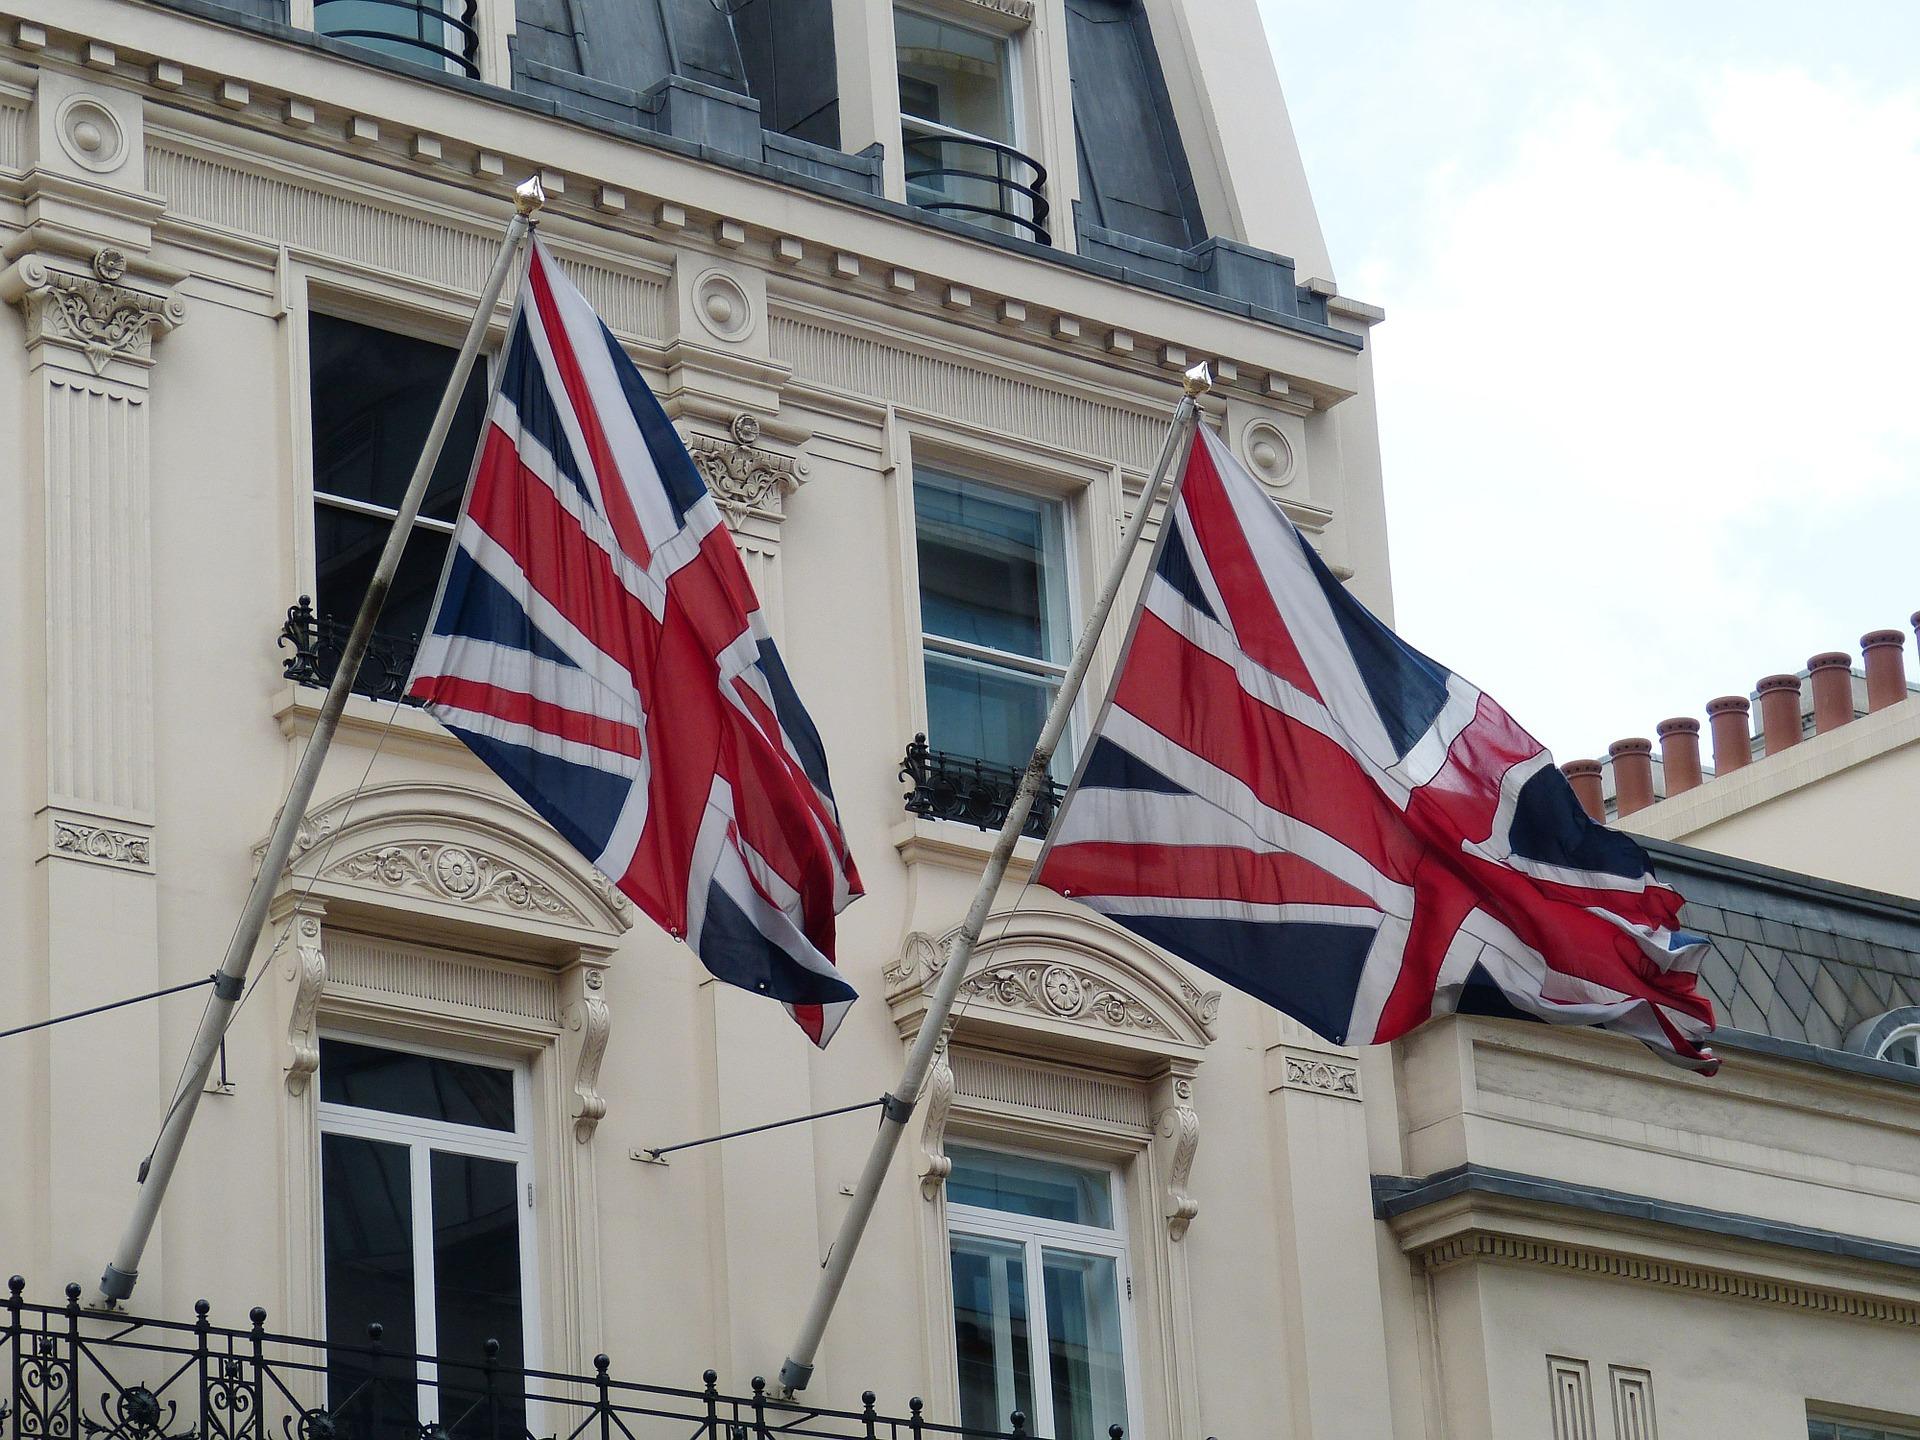 مكافحة الإرهاب في بريطانيا ـ قصور خطير وثغرات جدية